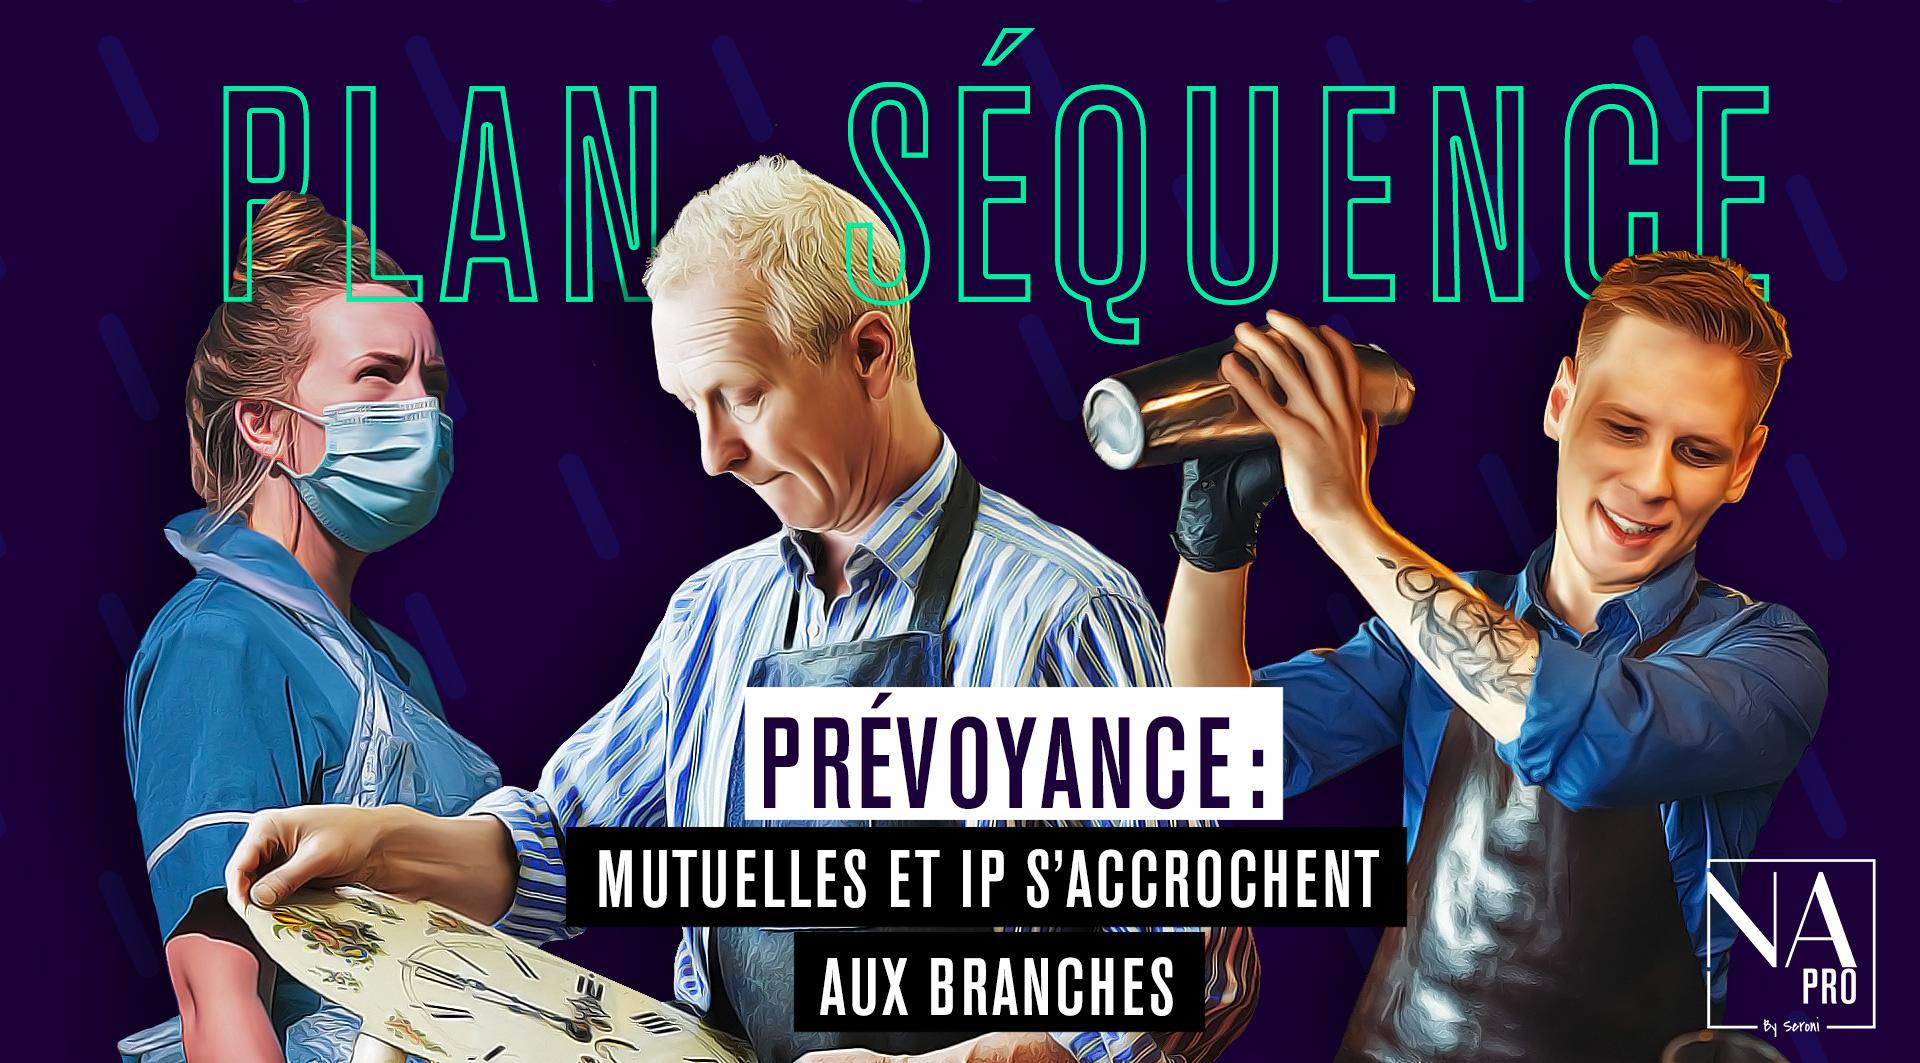 Plan séquence - Prévoyance : Mutuelles et IP s'accrochent aux branches